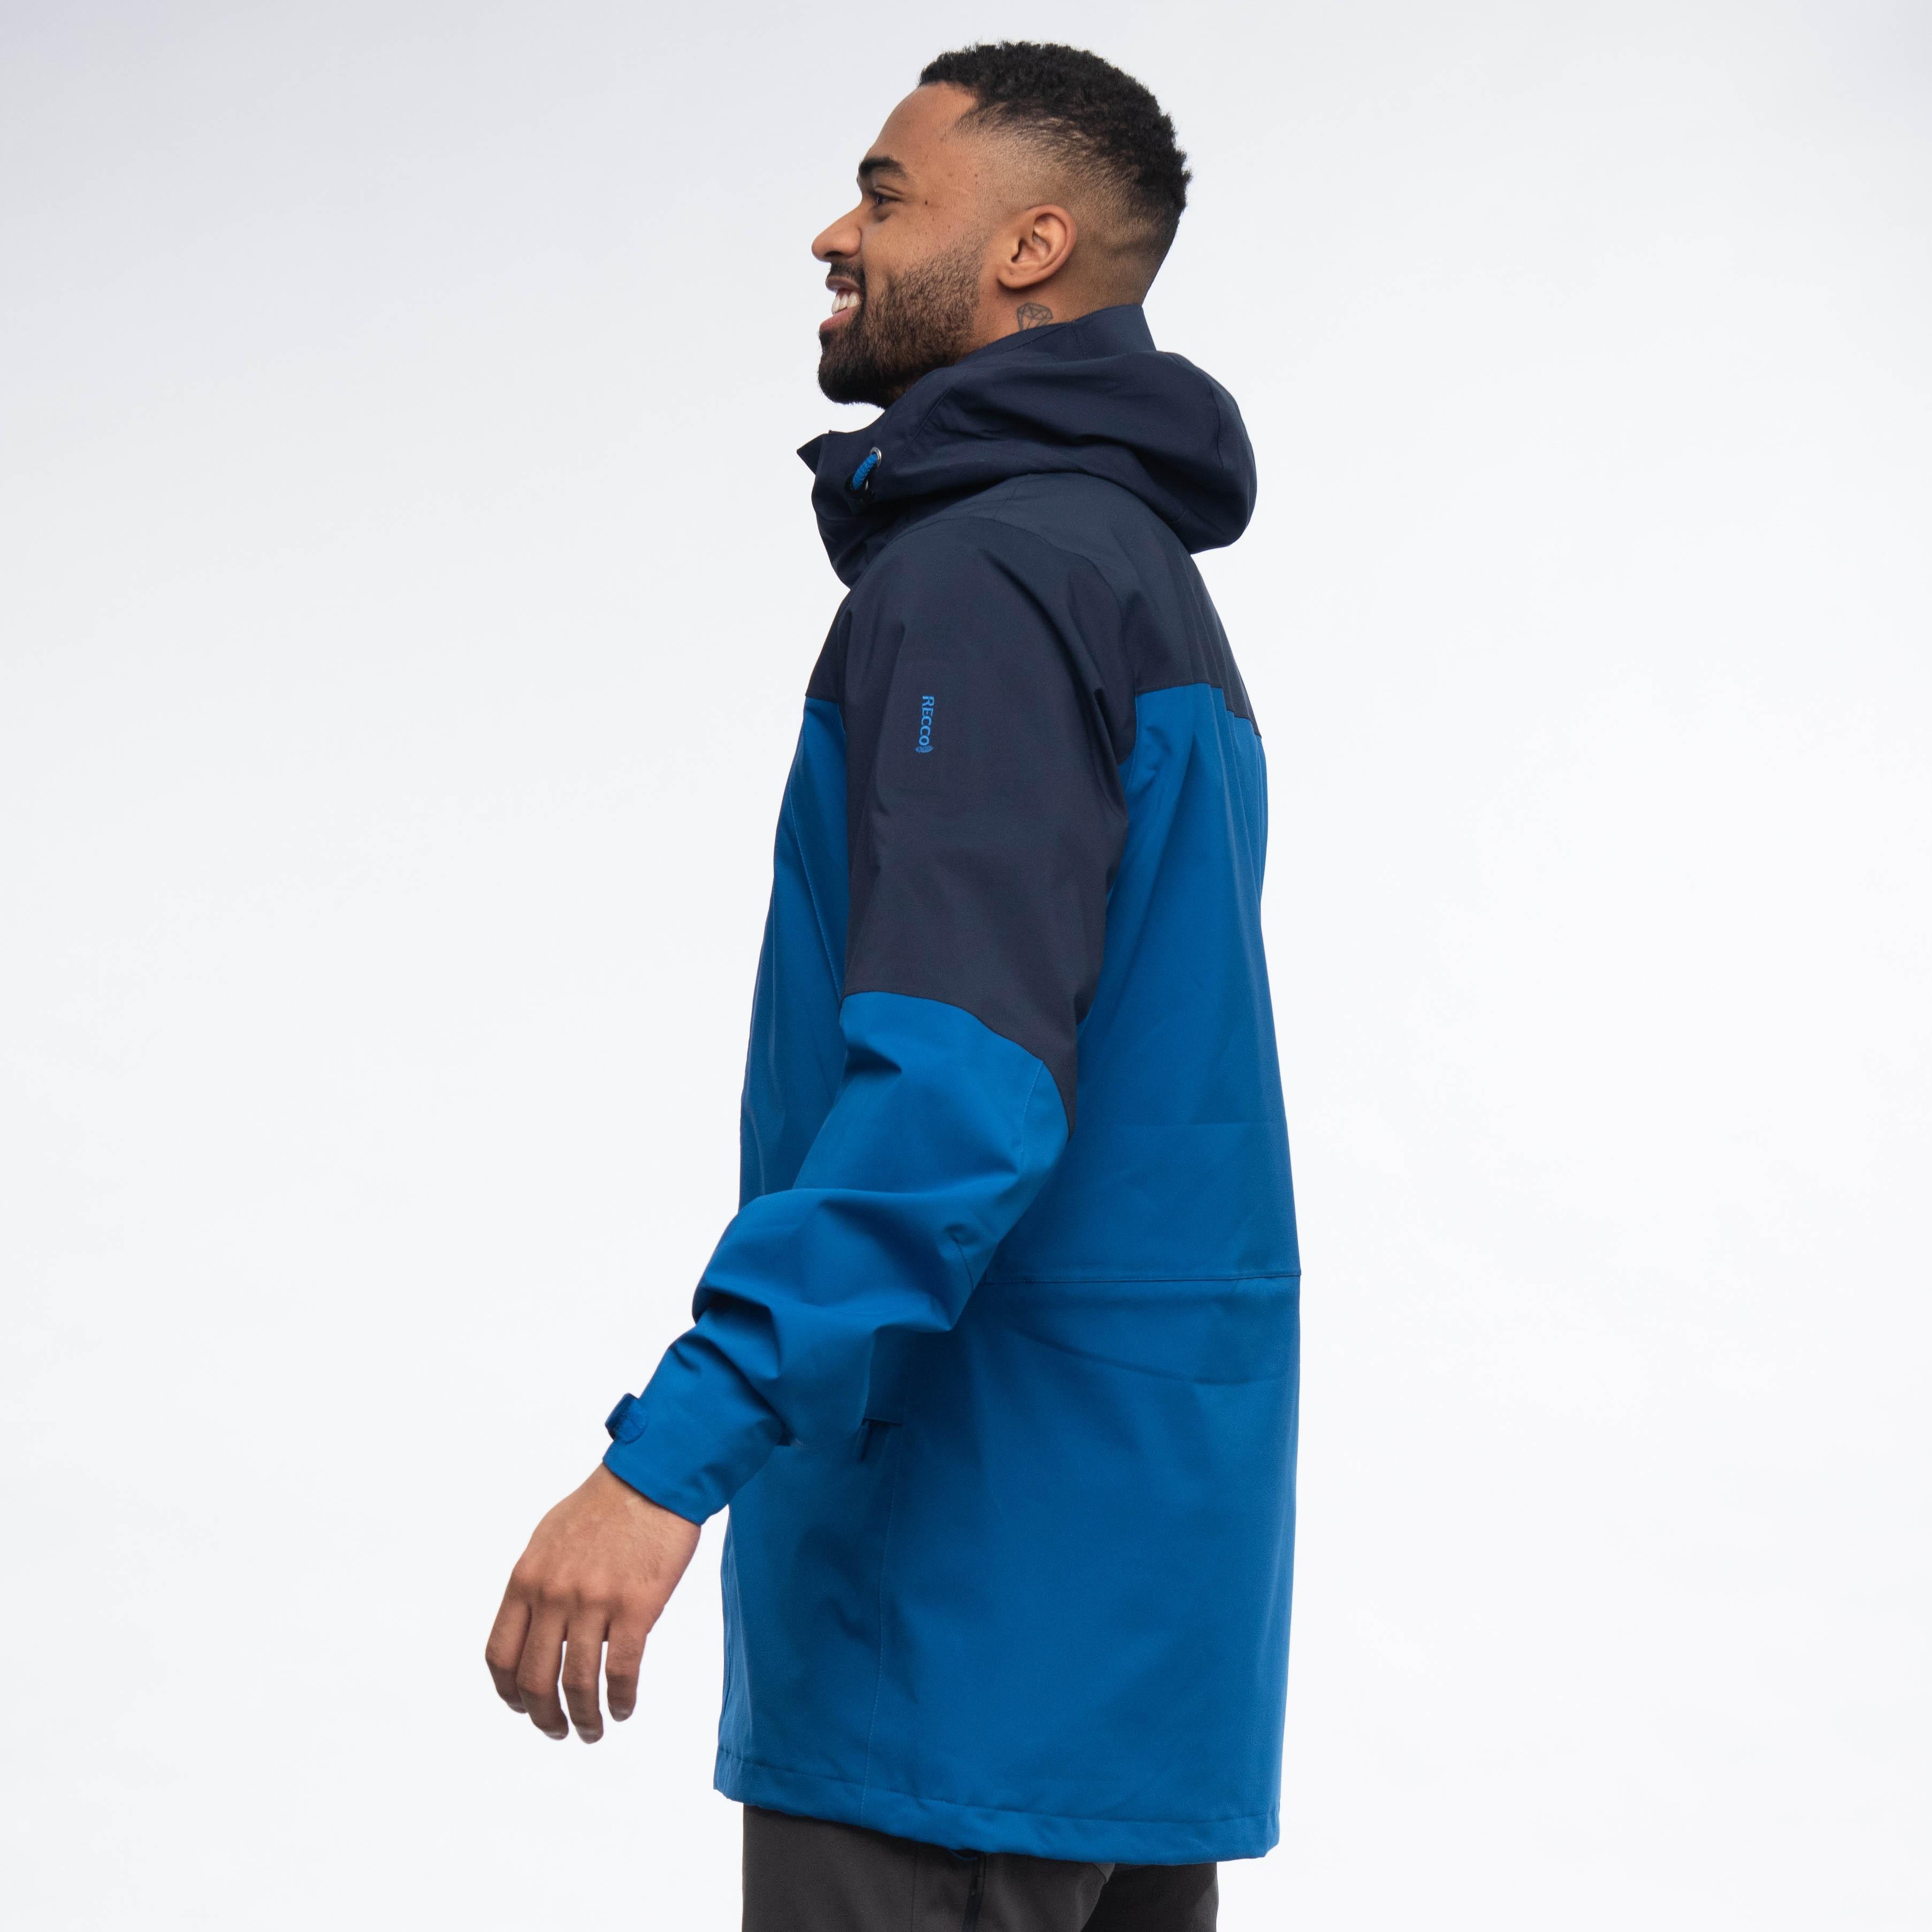 Breheimen 2L Jacket